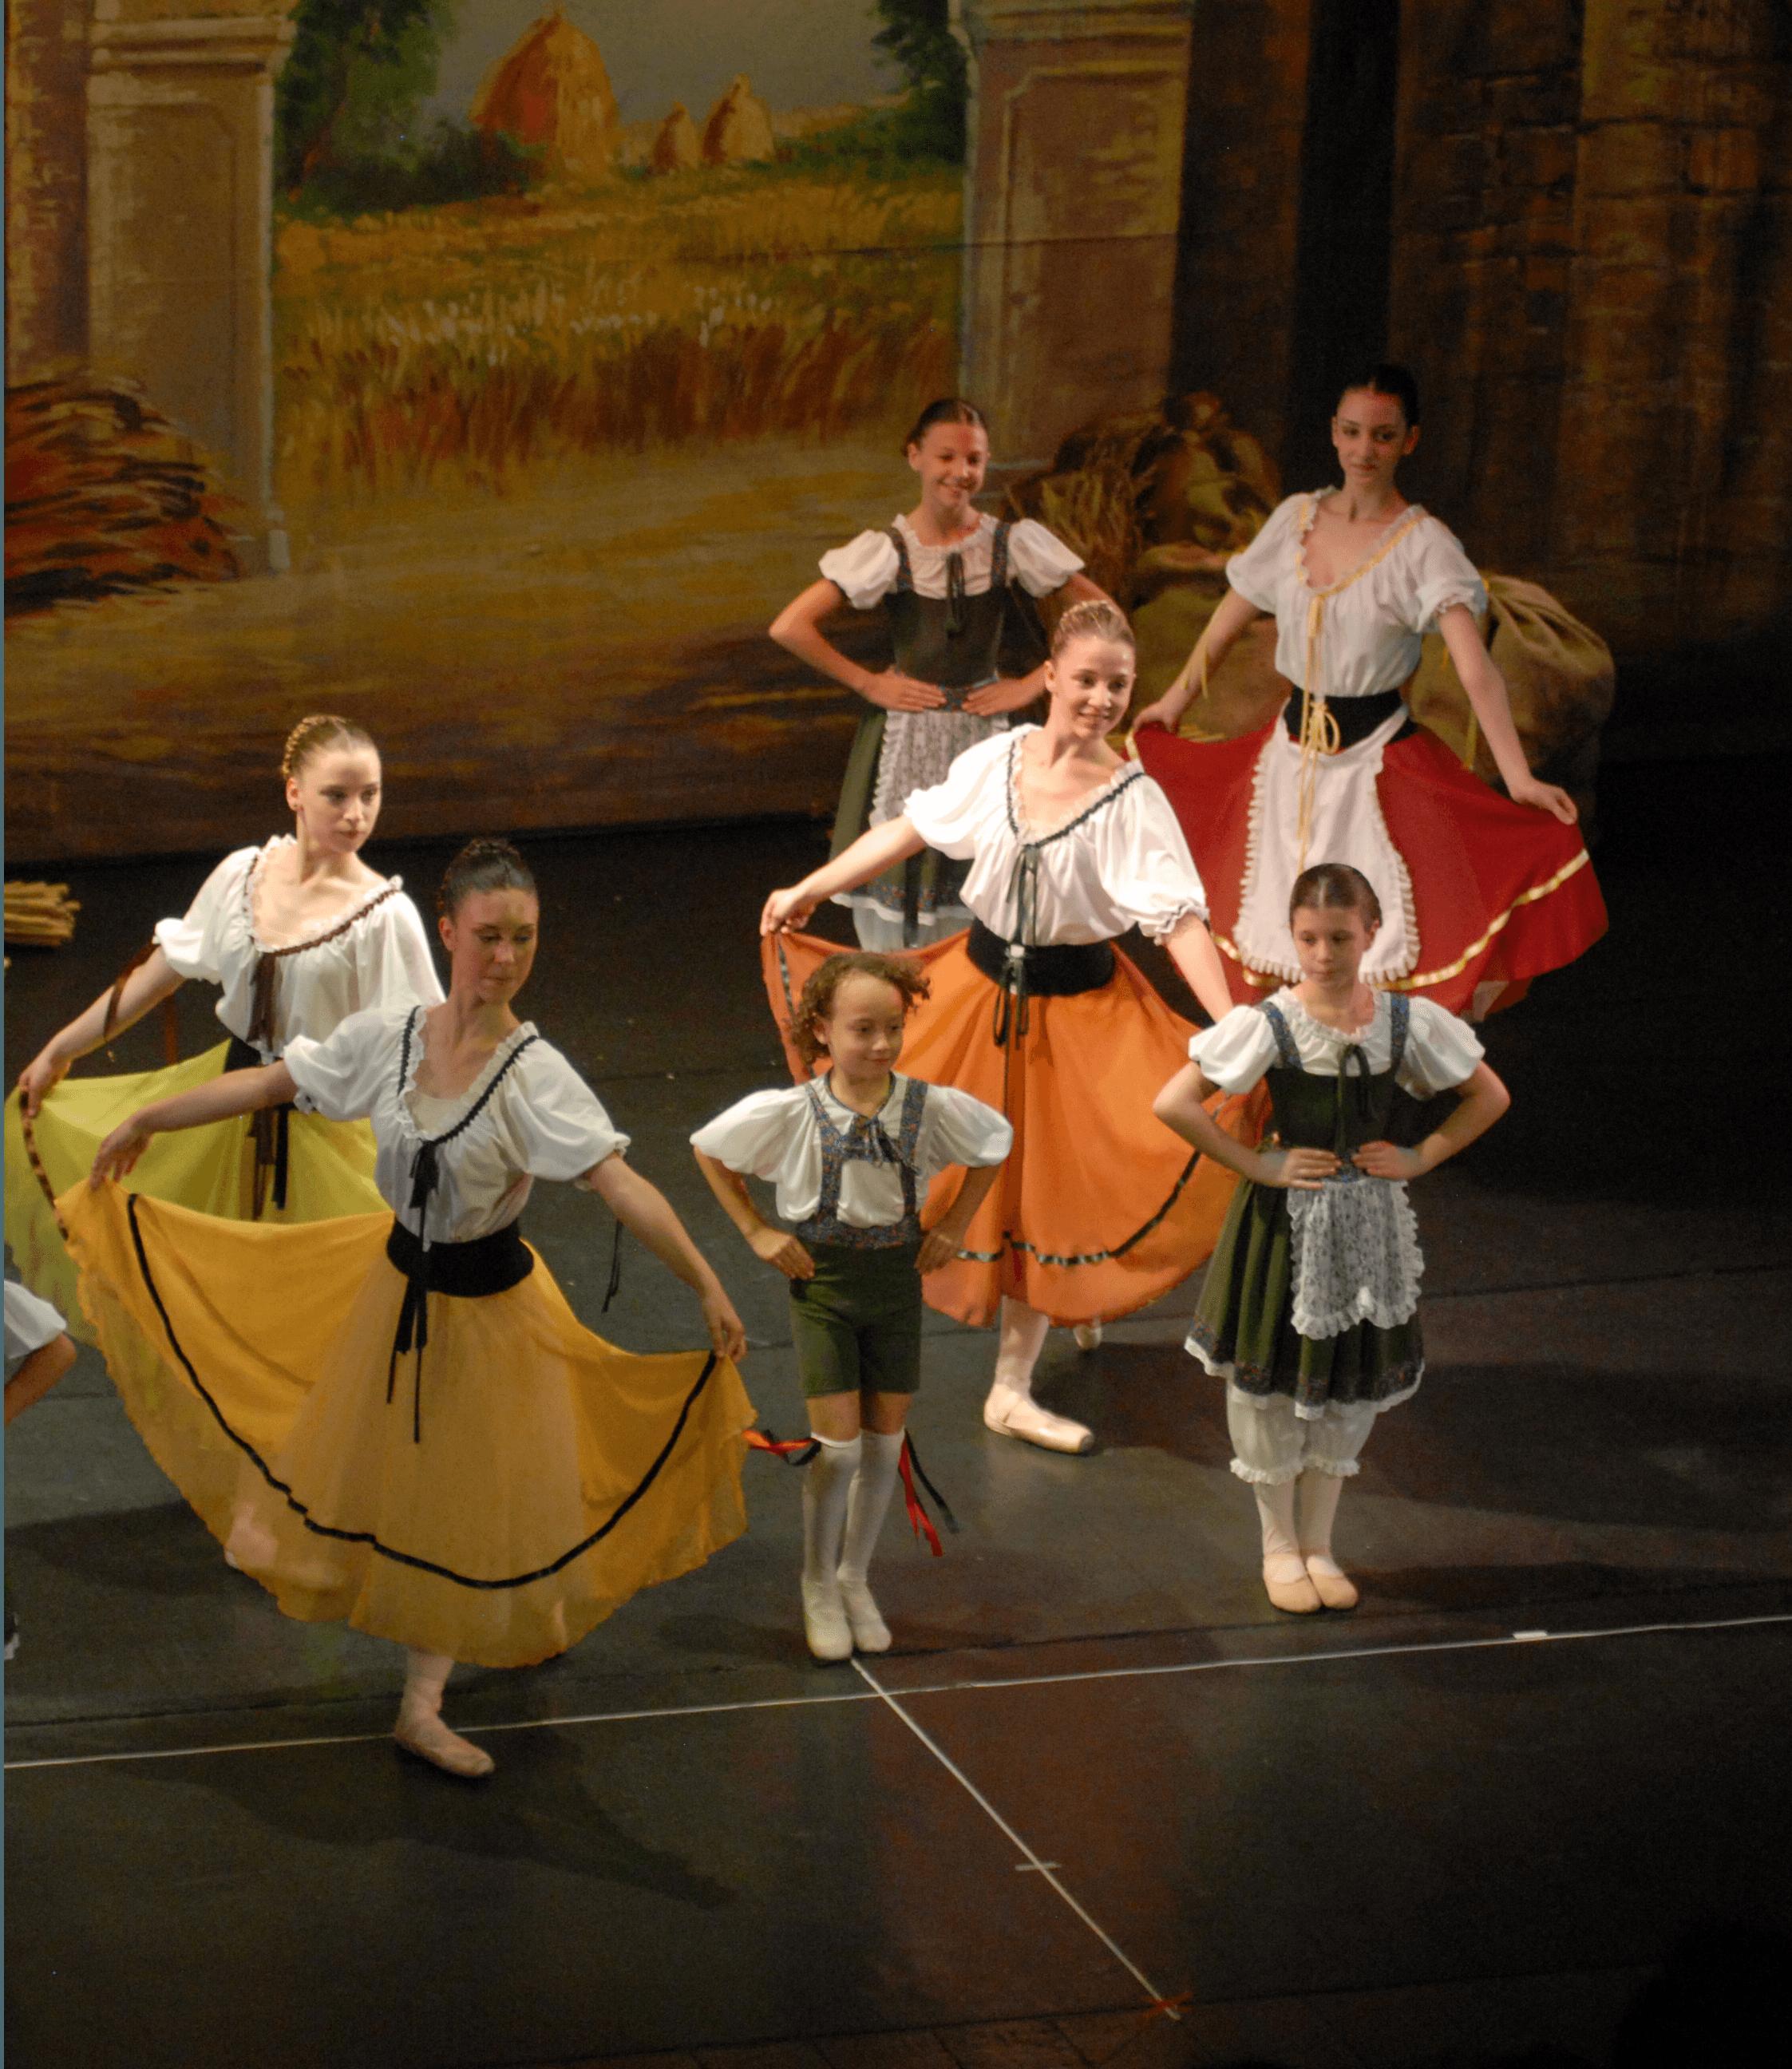 delle bambine e ragazze durante uno spettacolo di danza